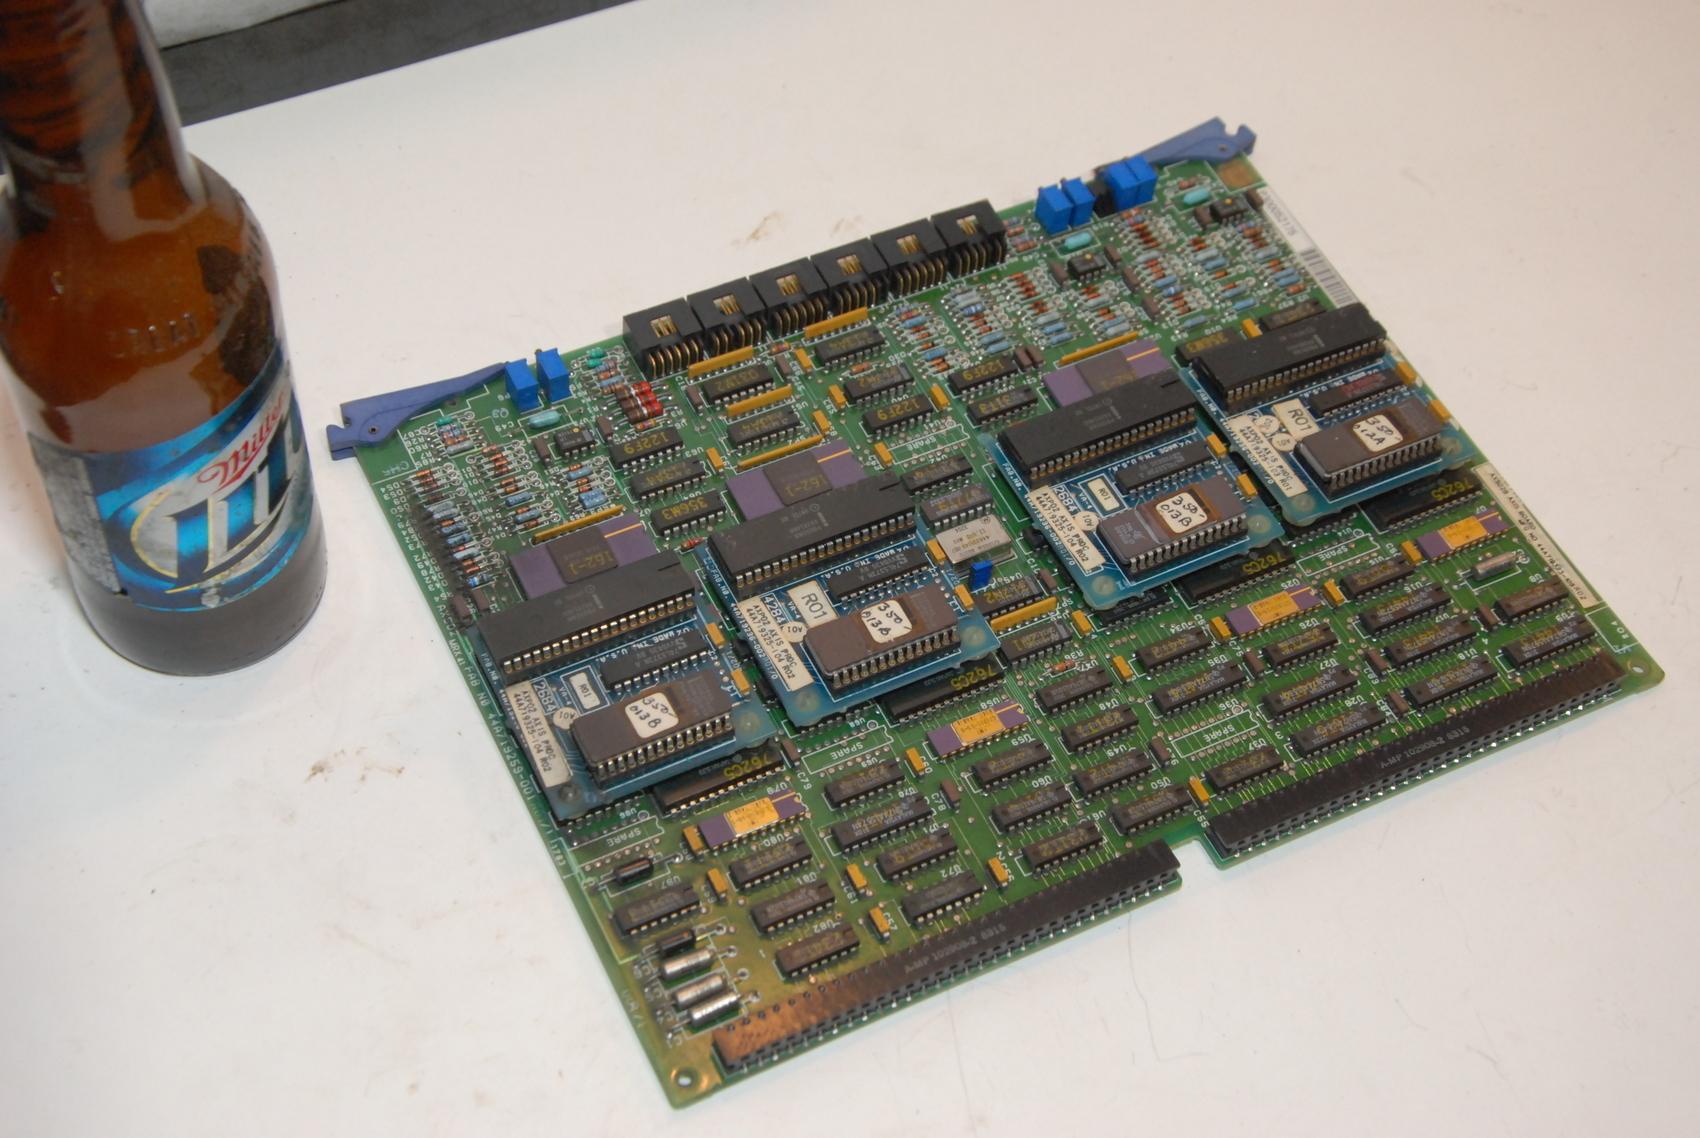 GE AXIS BOARD 44A719259-001 R02/2 AXS02A AXS02B 44A719323-105 R02